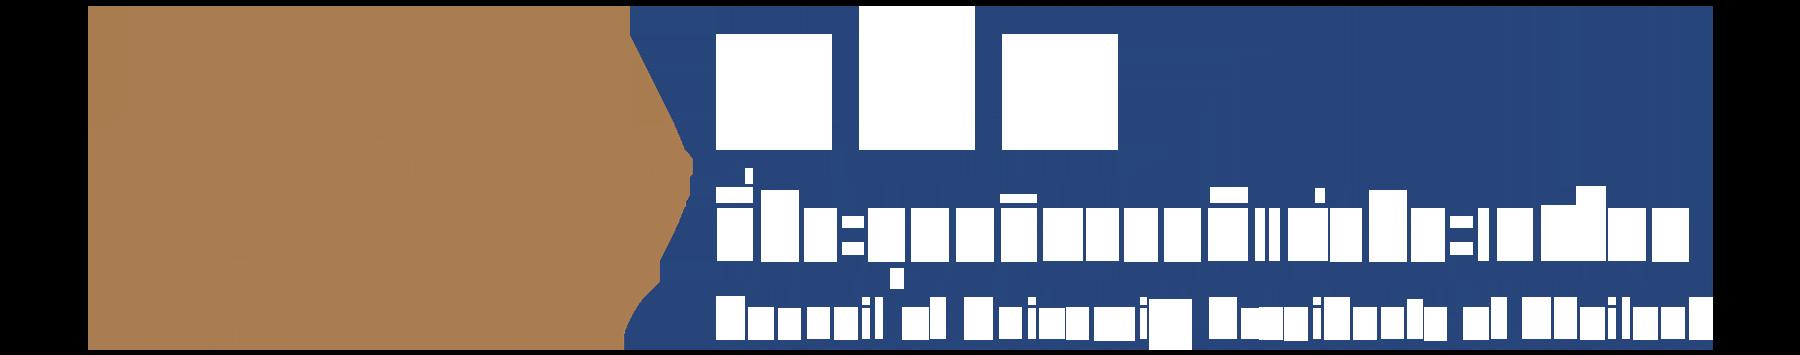 ที่ประชุมอธิการบดีแห่งประเทศไทย (ทปอ.) – Council of University Presidents of Thailand